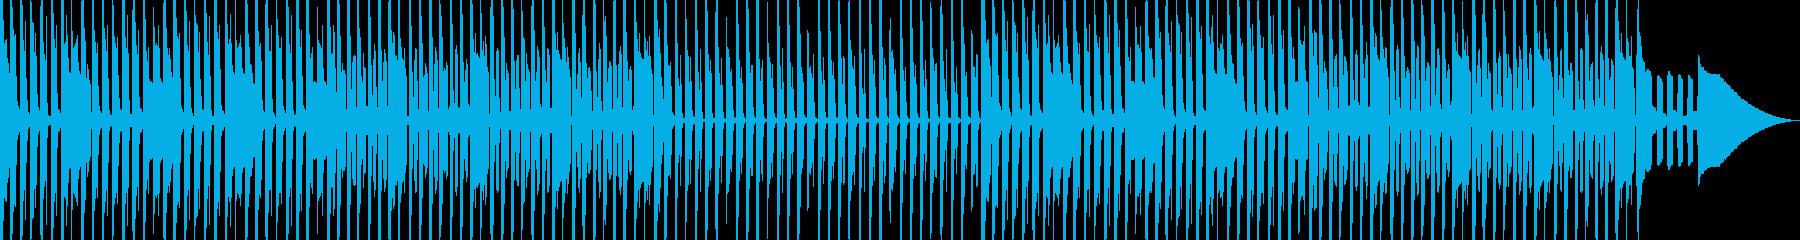 リコーダーとベルのほのぼのとした曲の再生済みの波形